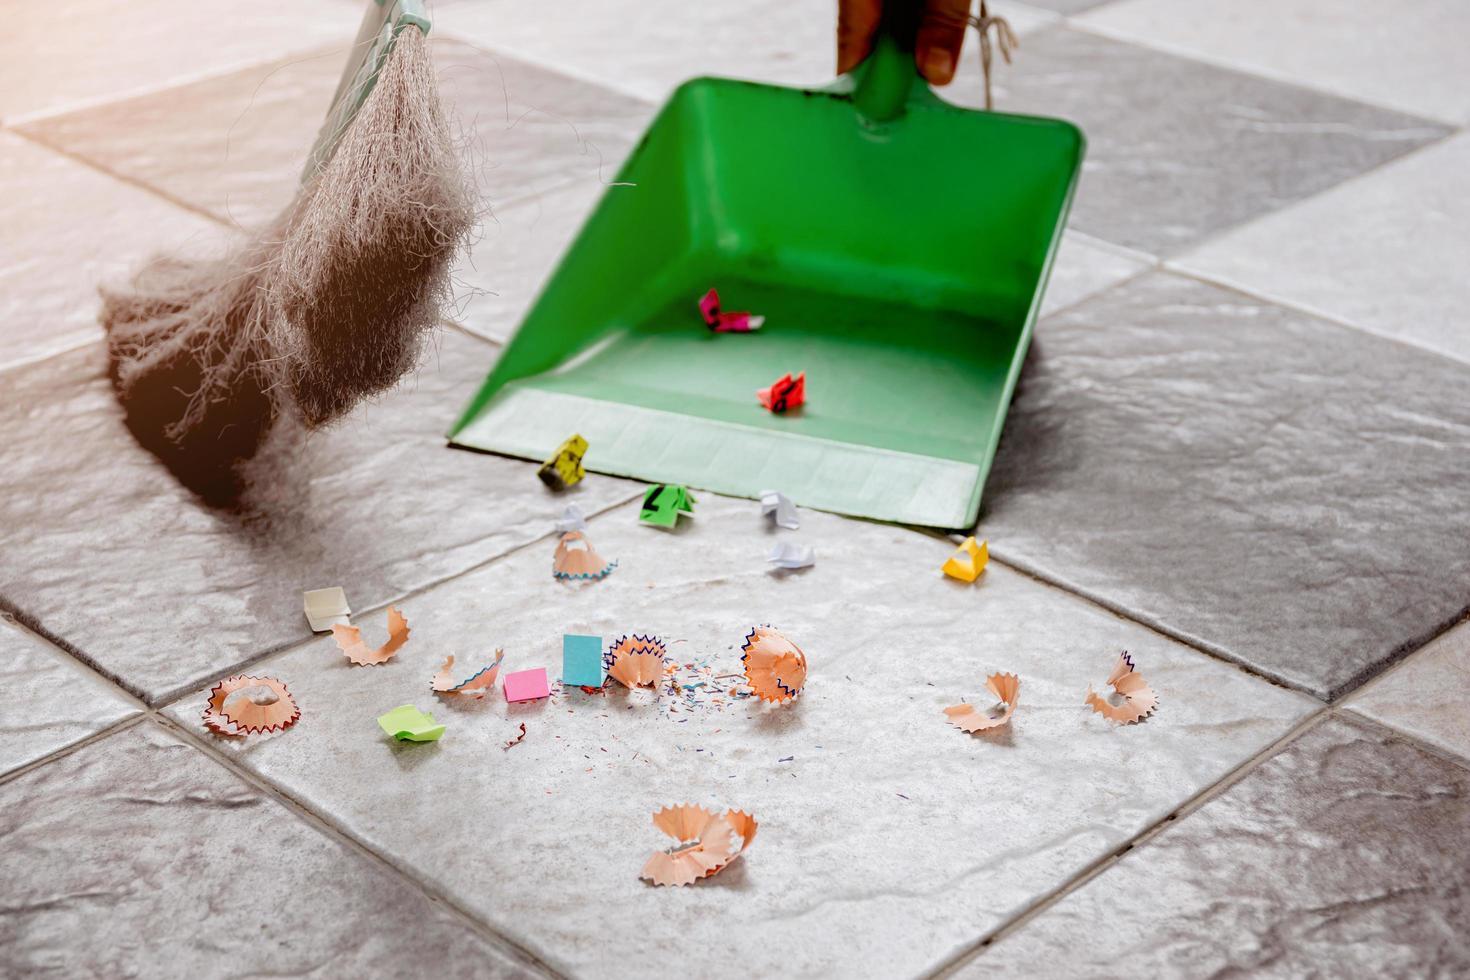 spazzare con una scopa e una paletta i ritagli di piastrelle di carta. foto